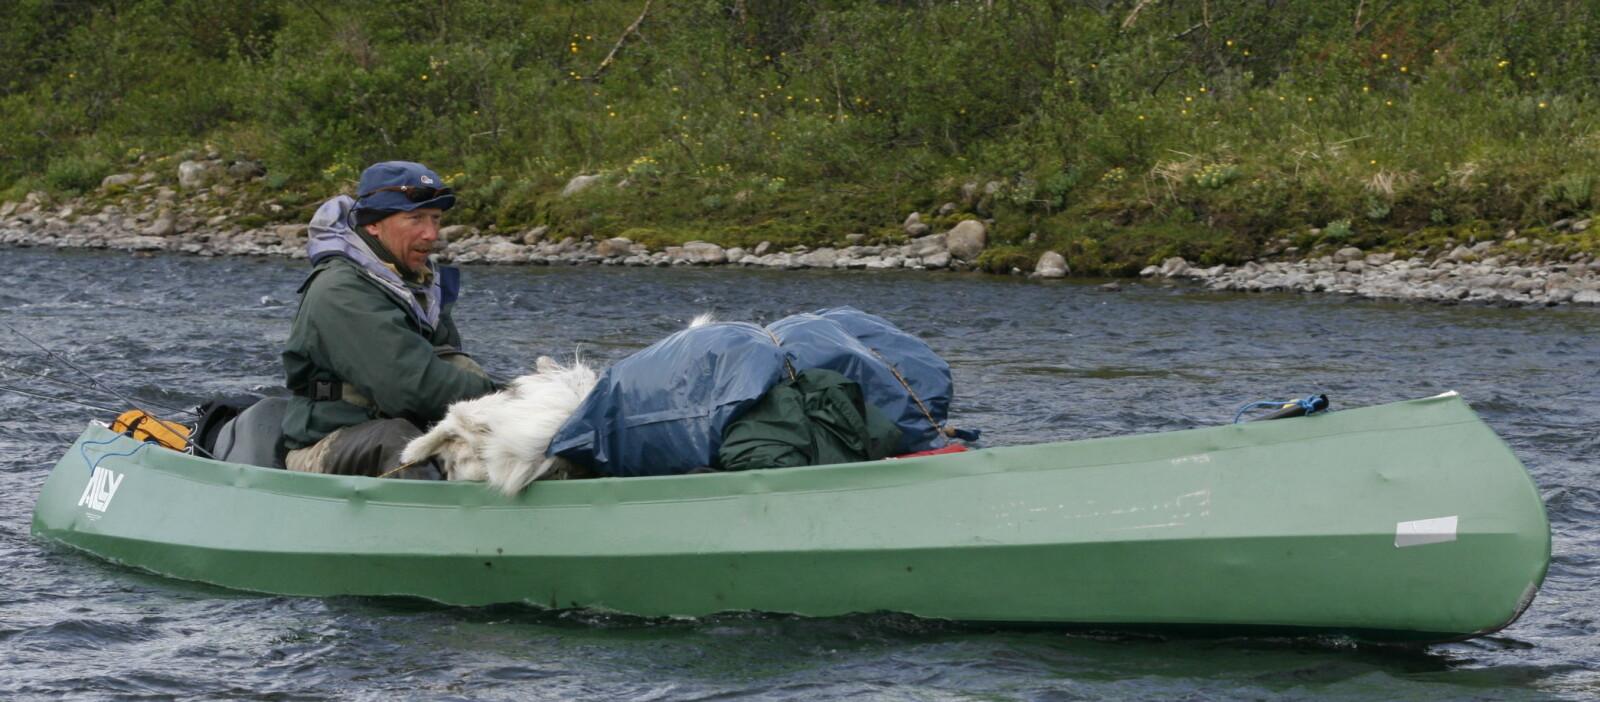 <b>ELVEFISKE: </b>Bjørn har et våkent øye for gode fiskeplasser, og styrer mot land hvis det dukker opp en fristende strømkant.